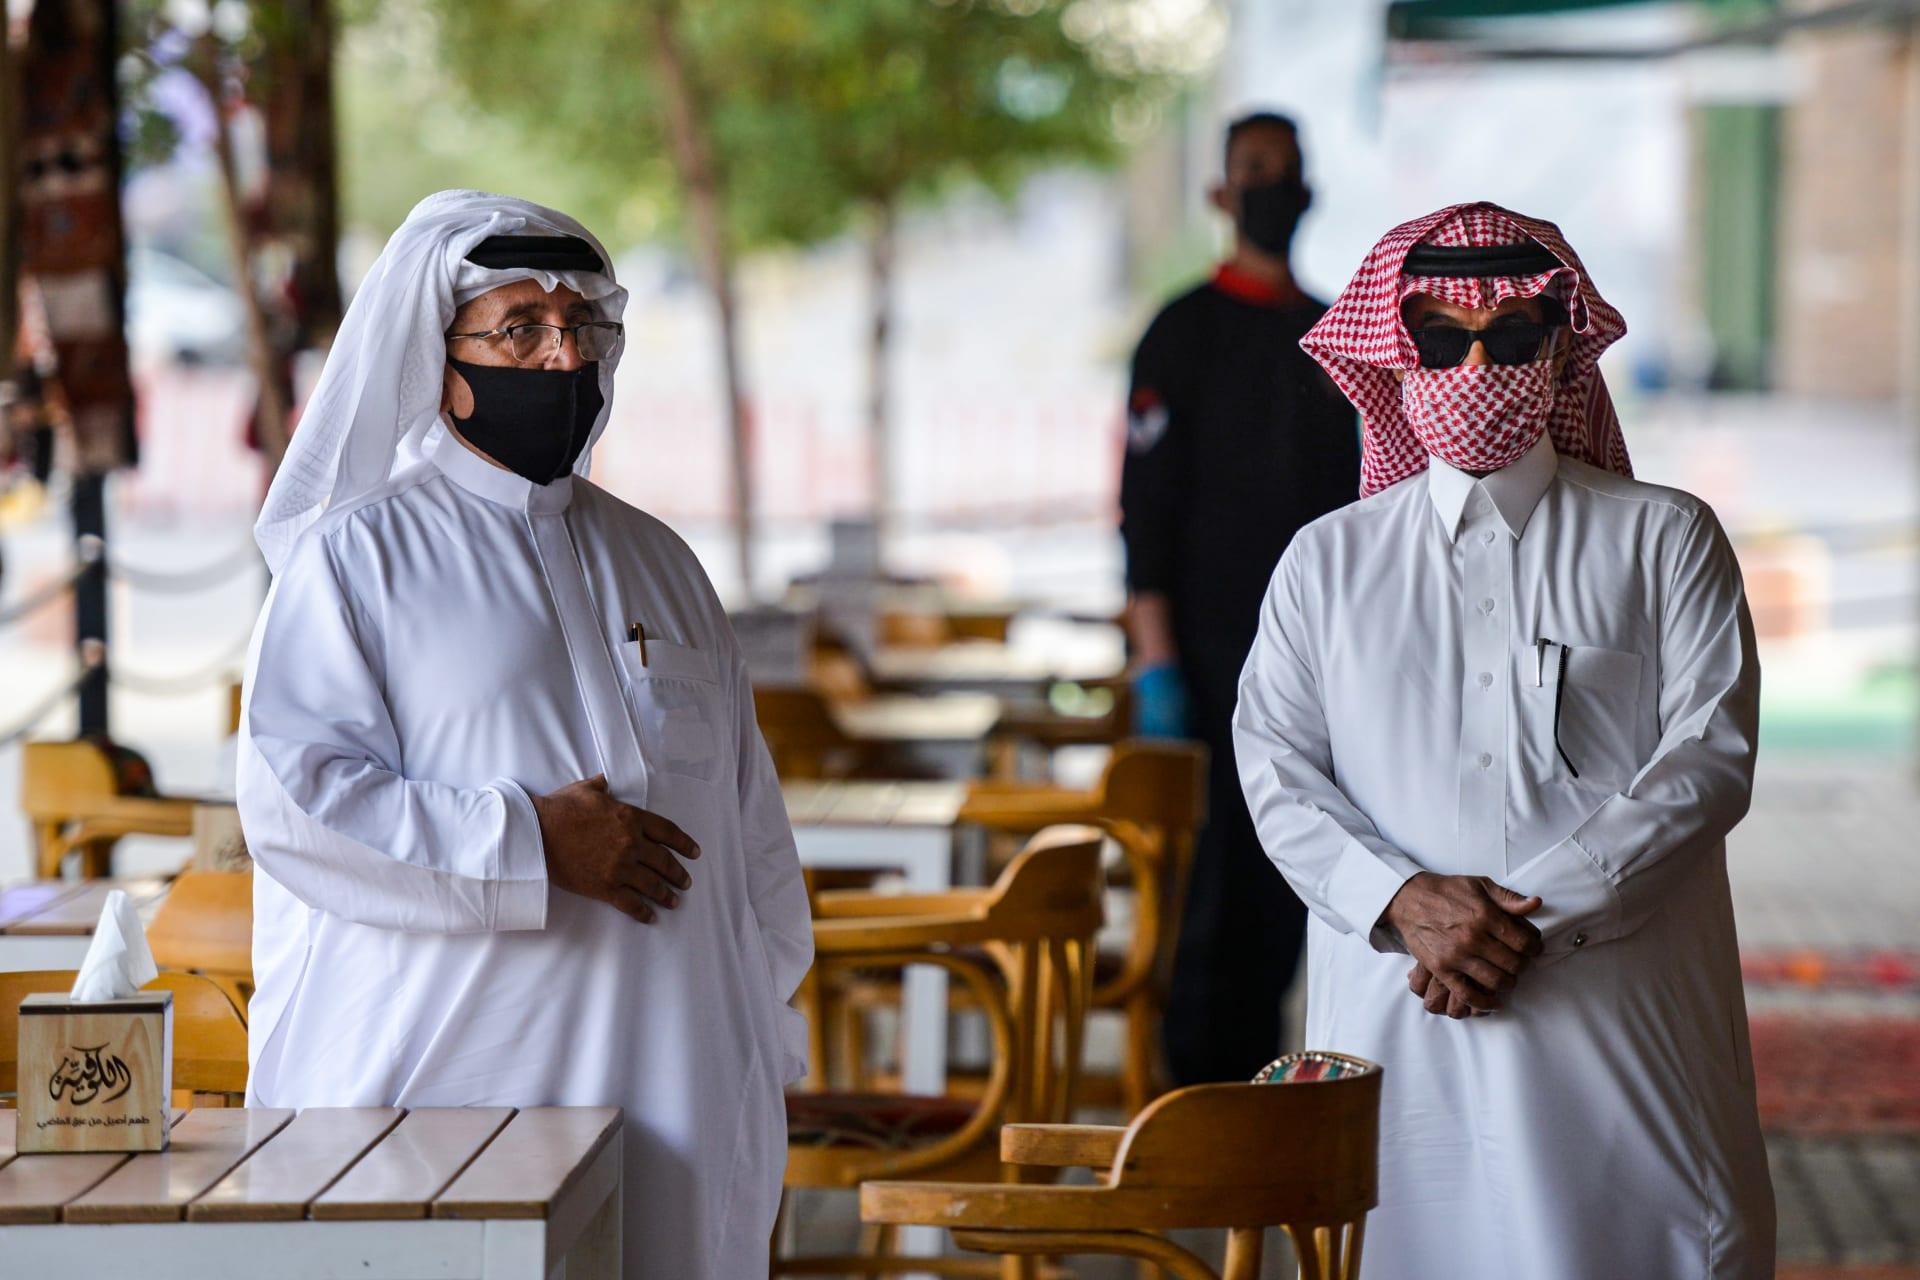 السعودية تمدد تطبيق الإجراءات الاحترازية لمواجهة كورونا وتُعلل: نتيجة للتراخي وارتفاع المنحنى